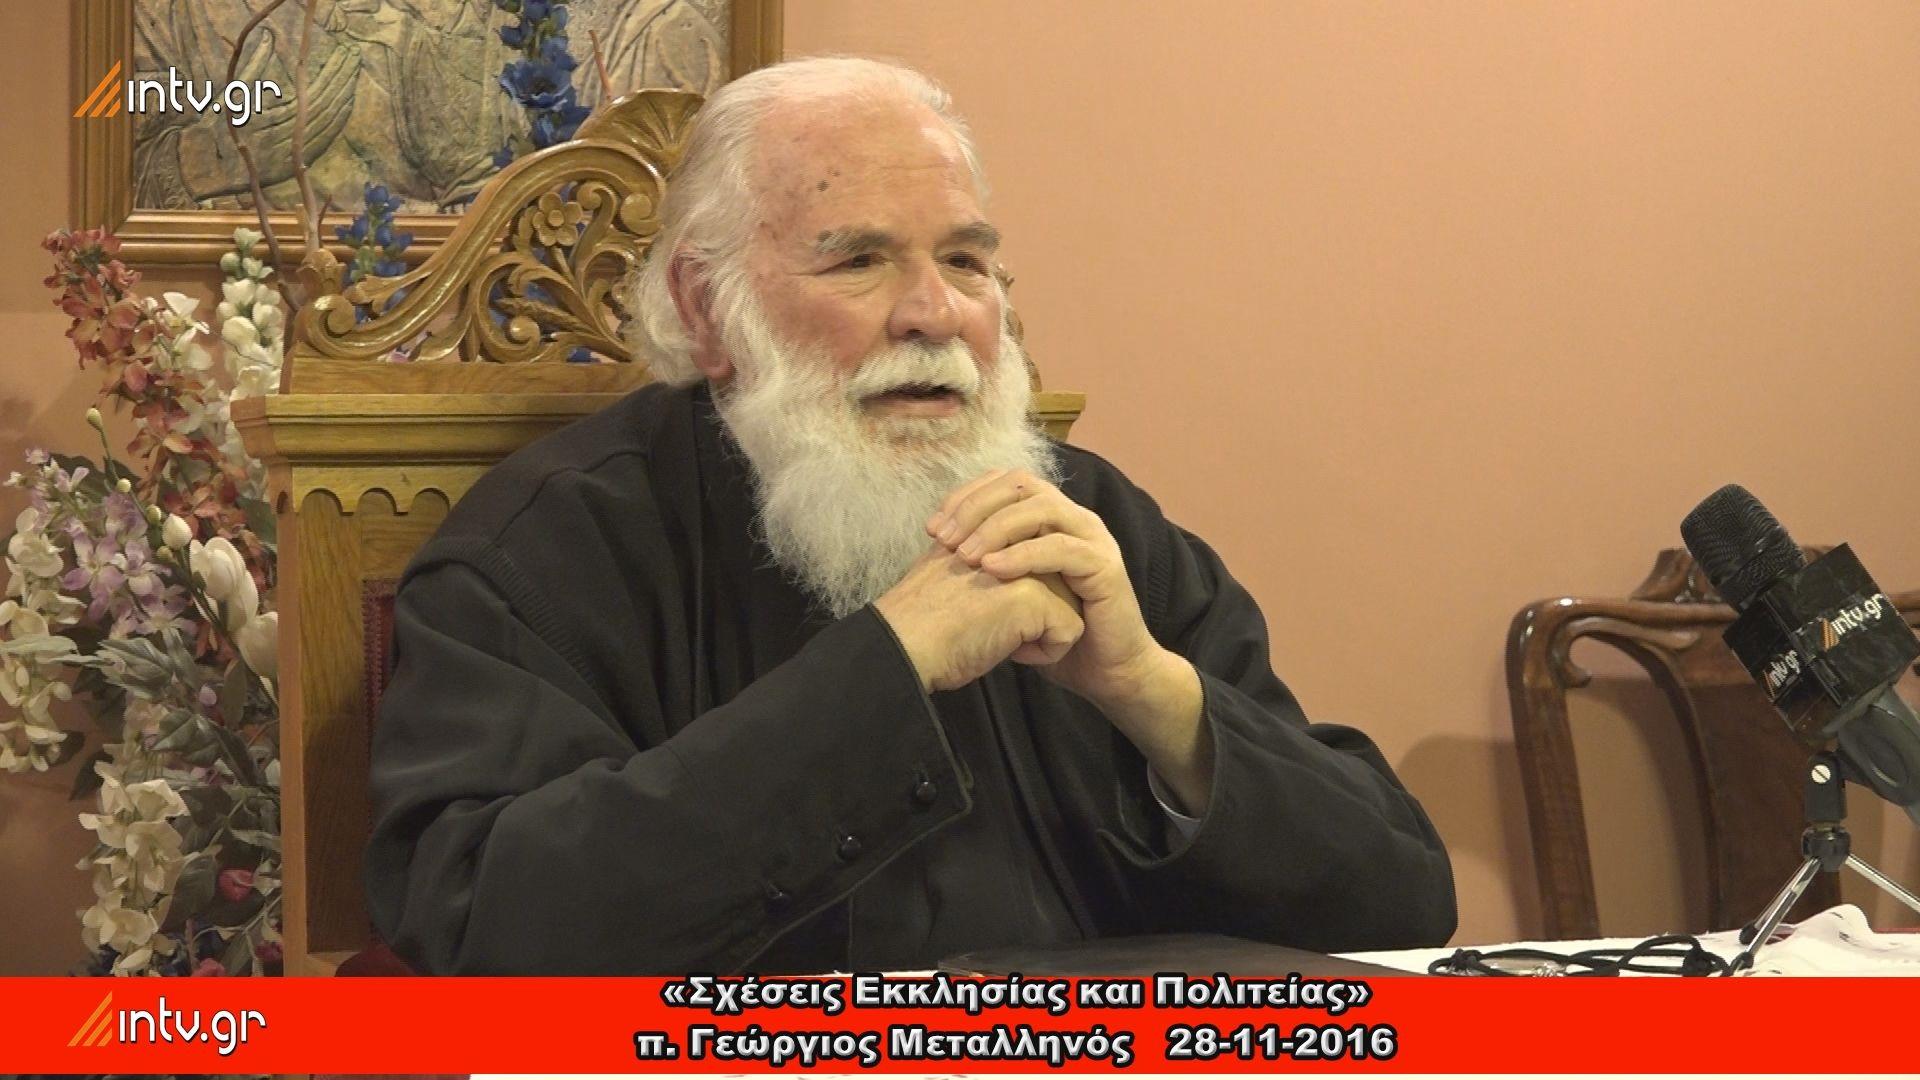 «Σχέσεις Εκκλησίας και Πολιτείας» - π. Γεώργιος Μεταλληνός